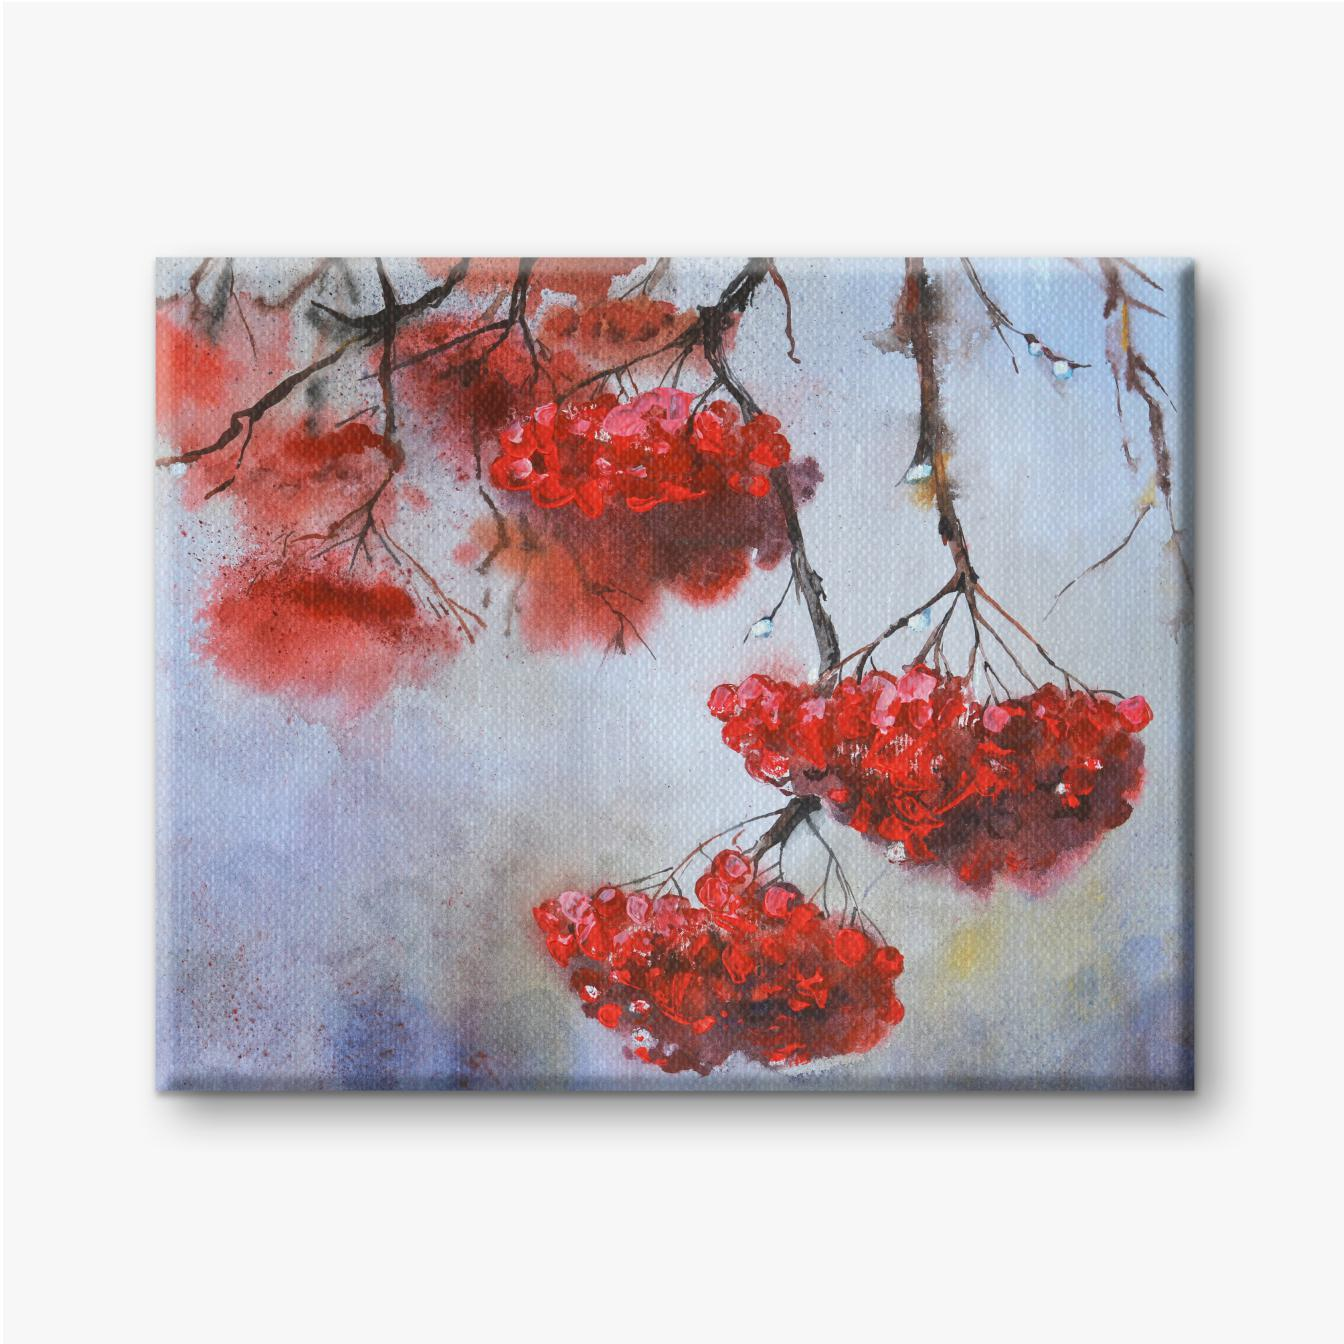 Rote Ebereschenfrucht mit Regenwetterhintergrund